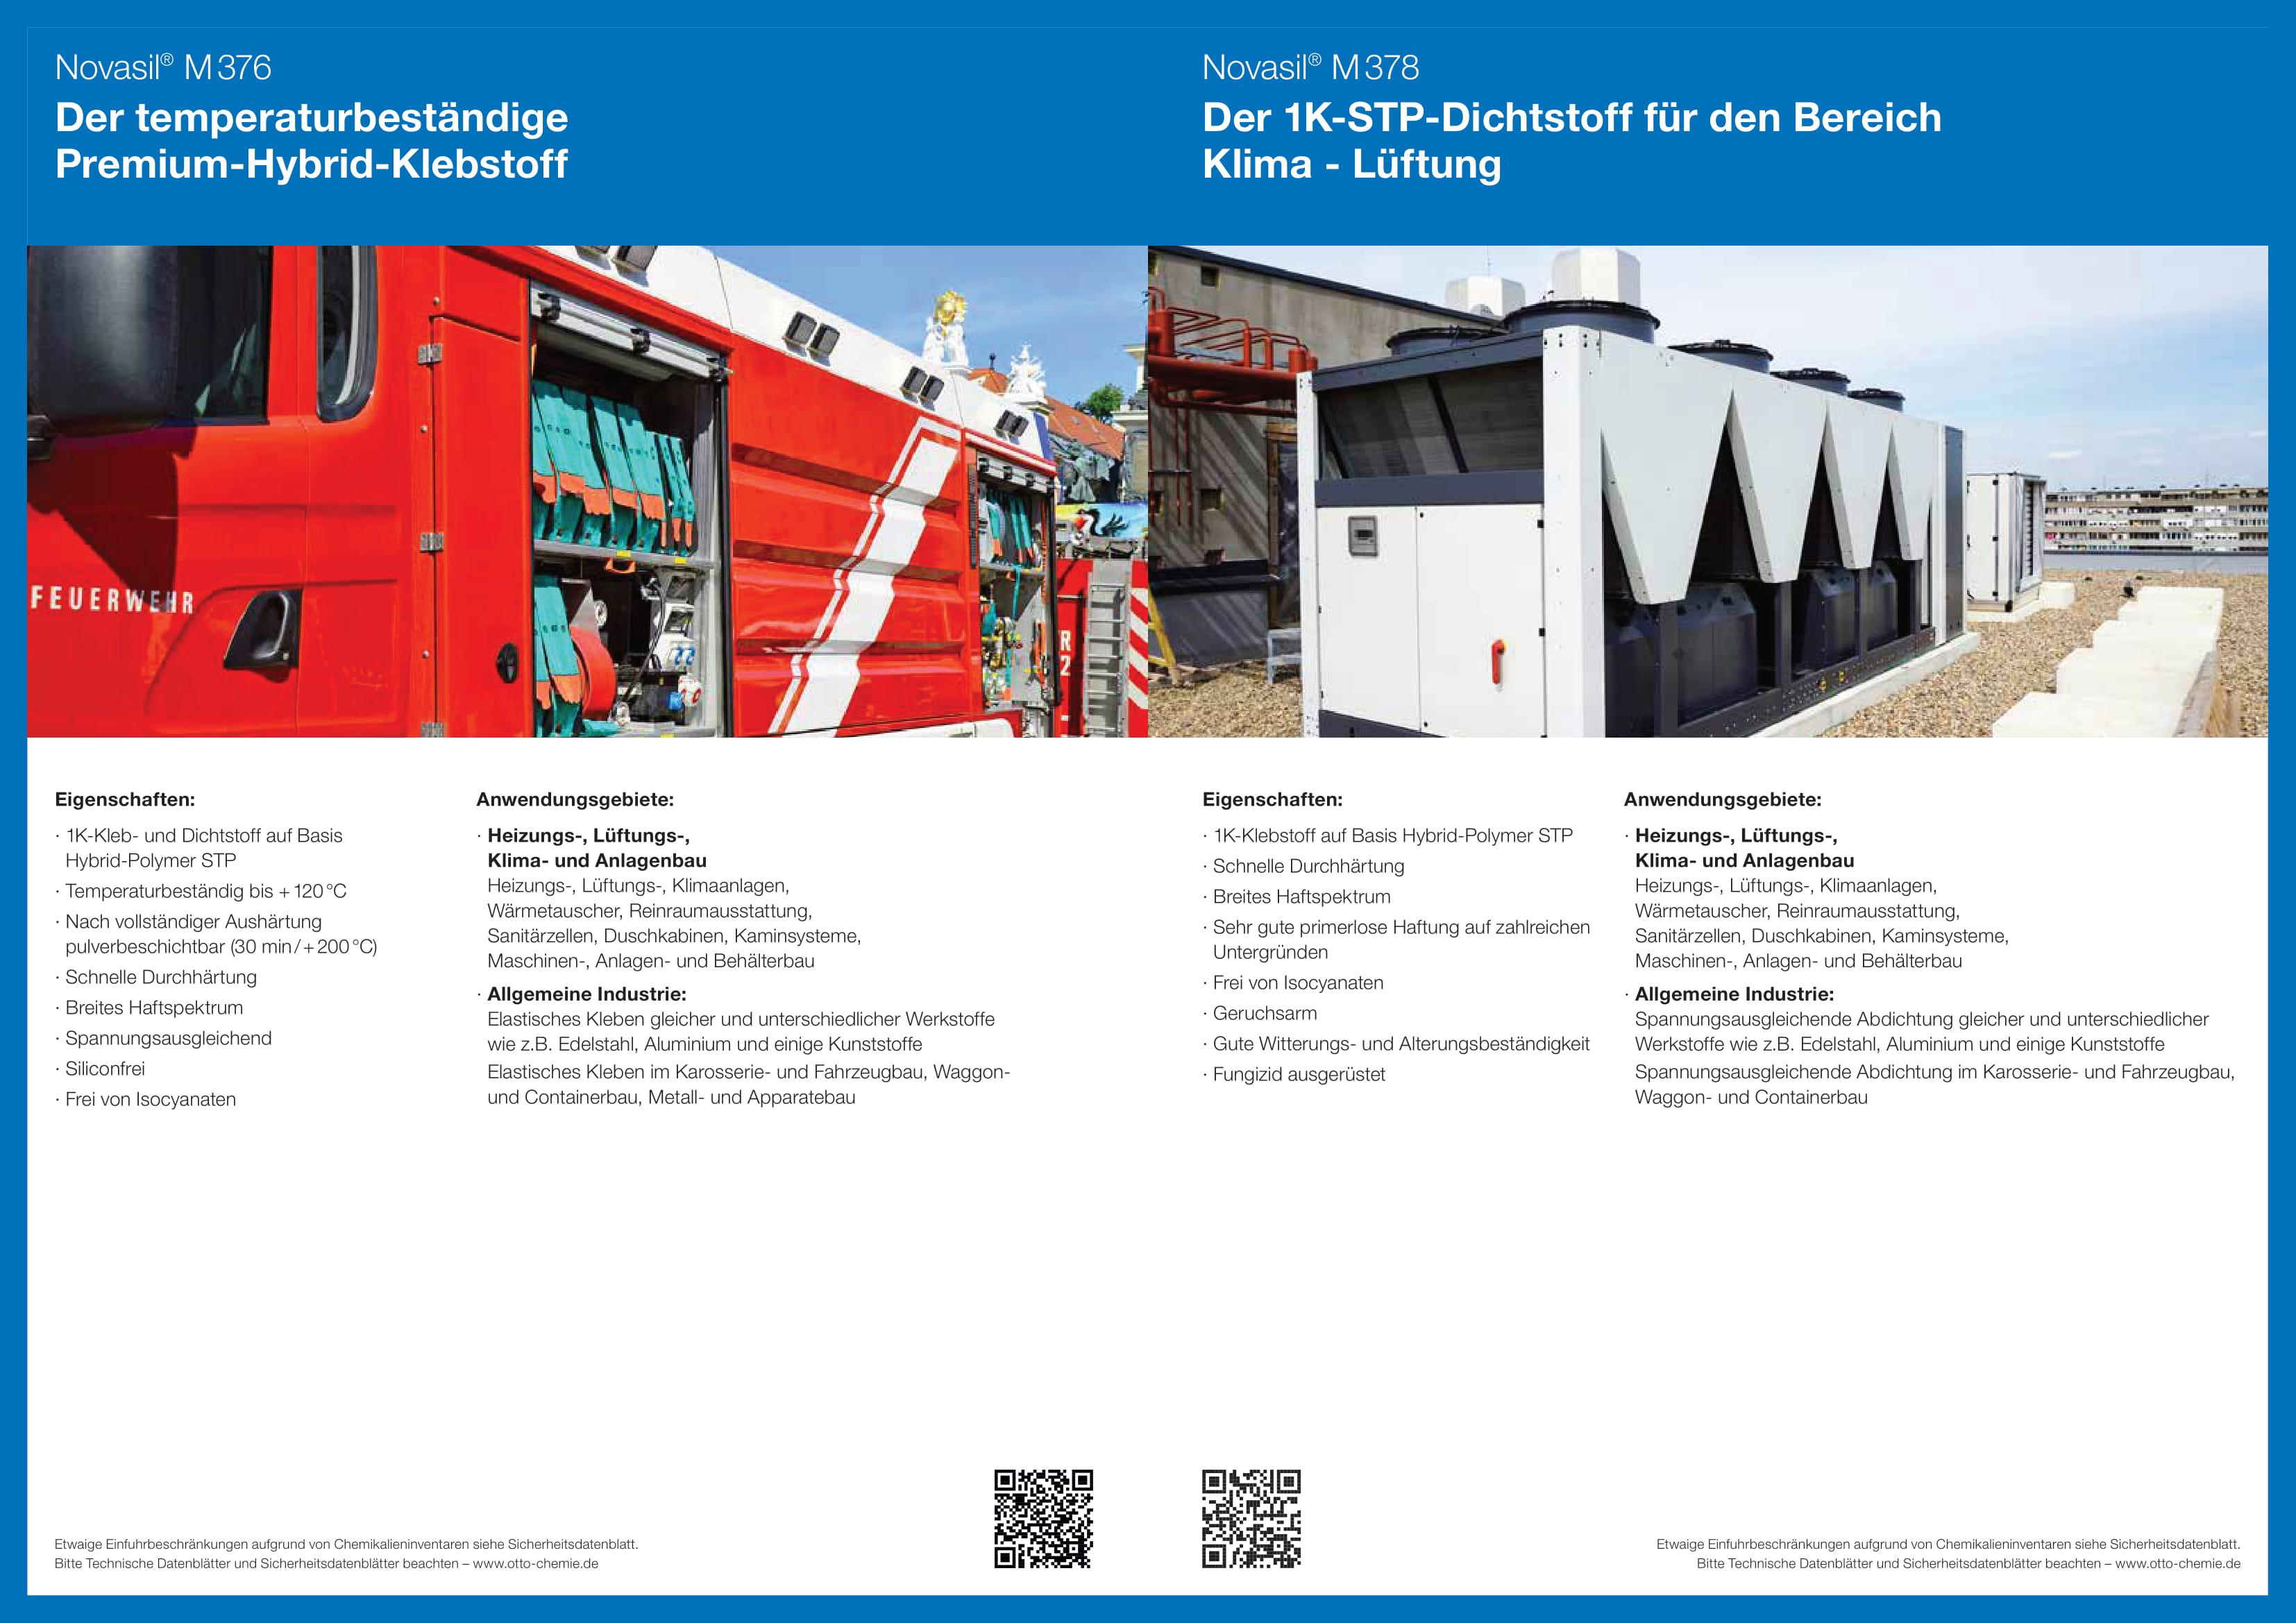 Produktinfo-Technischer_Handel_2019_low-09